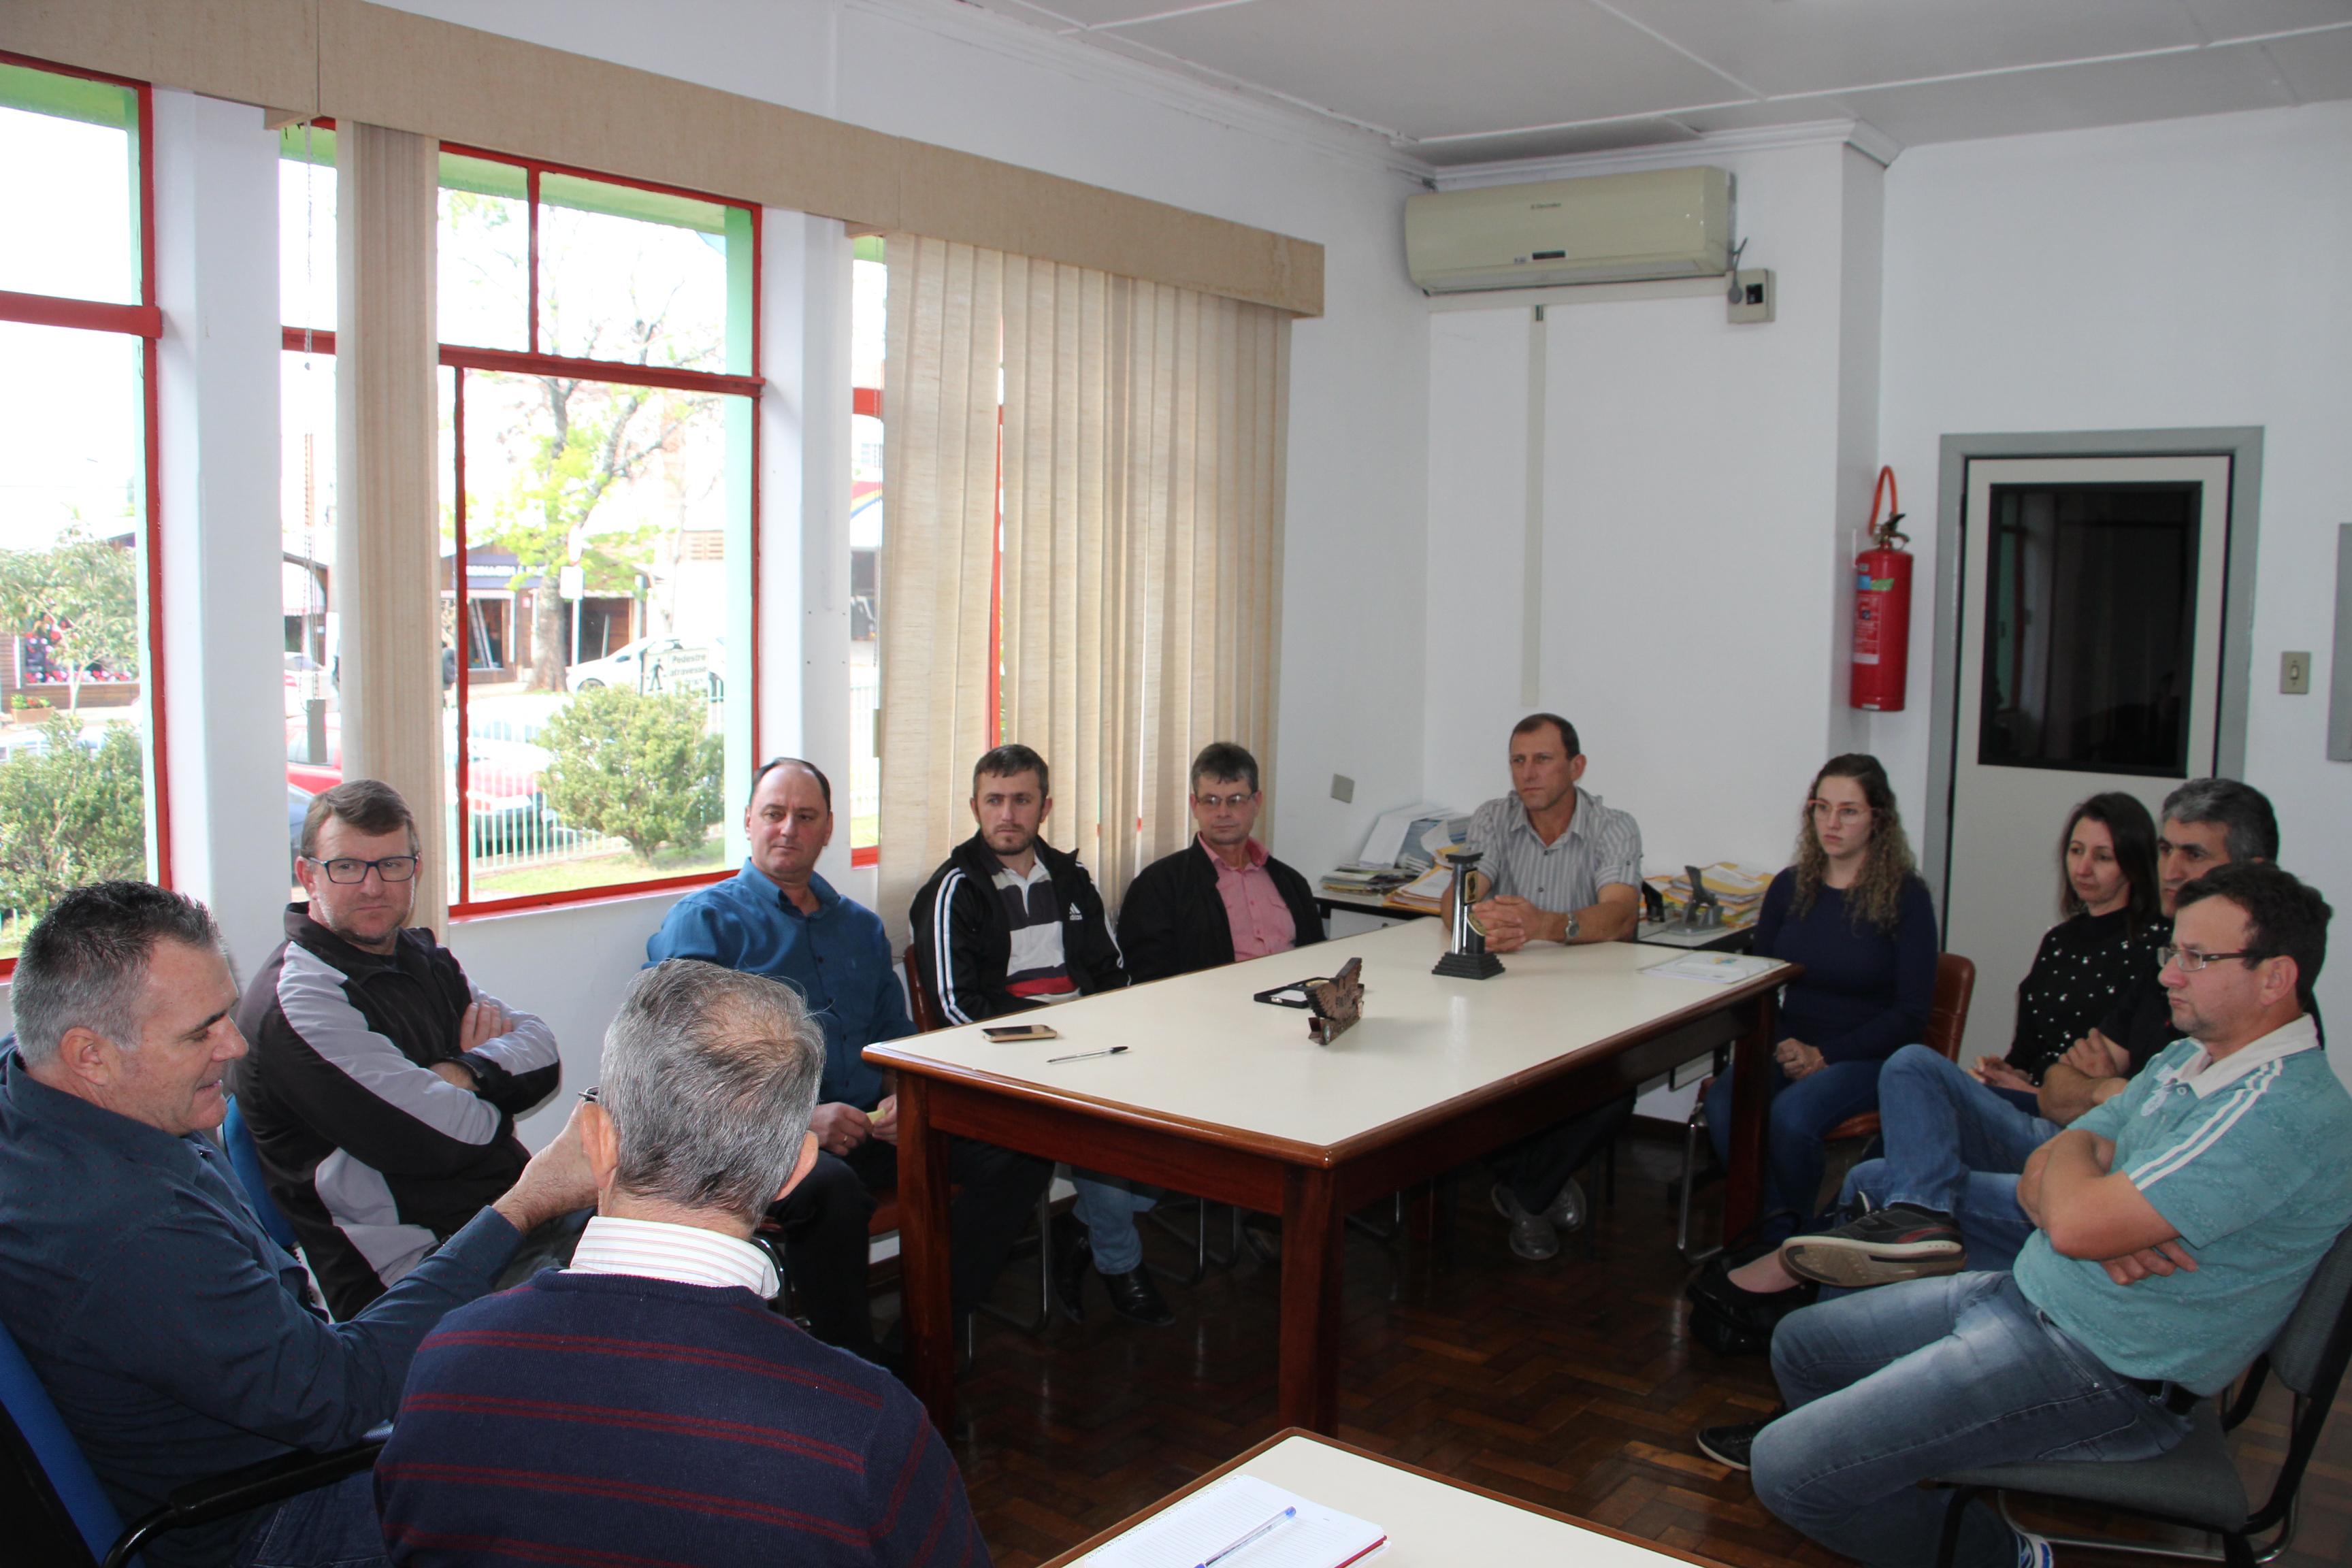 Deinfra de São Miguel do Oeste recebe vereadores de Barra Bonita em audiência